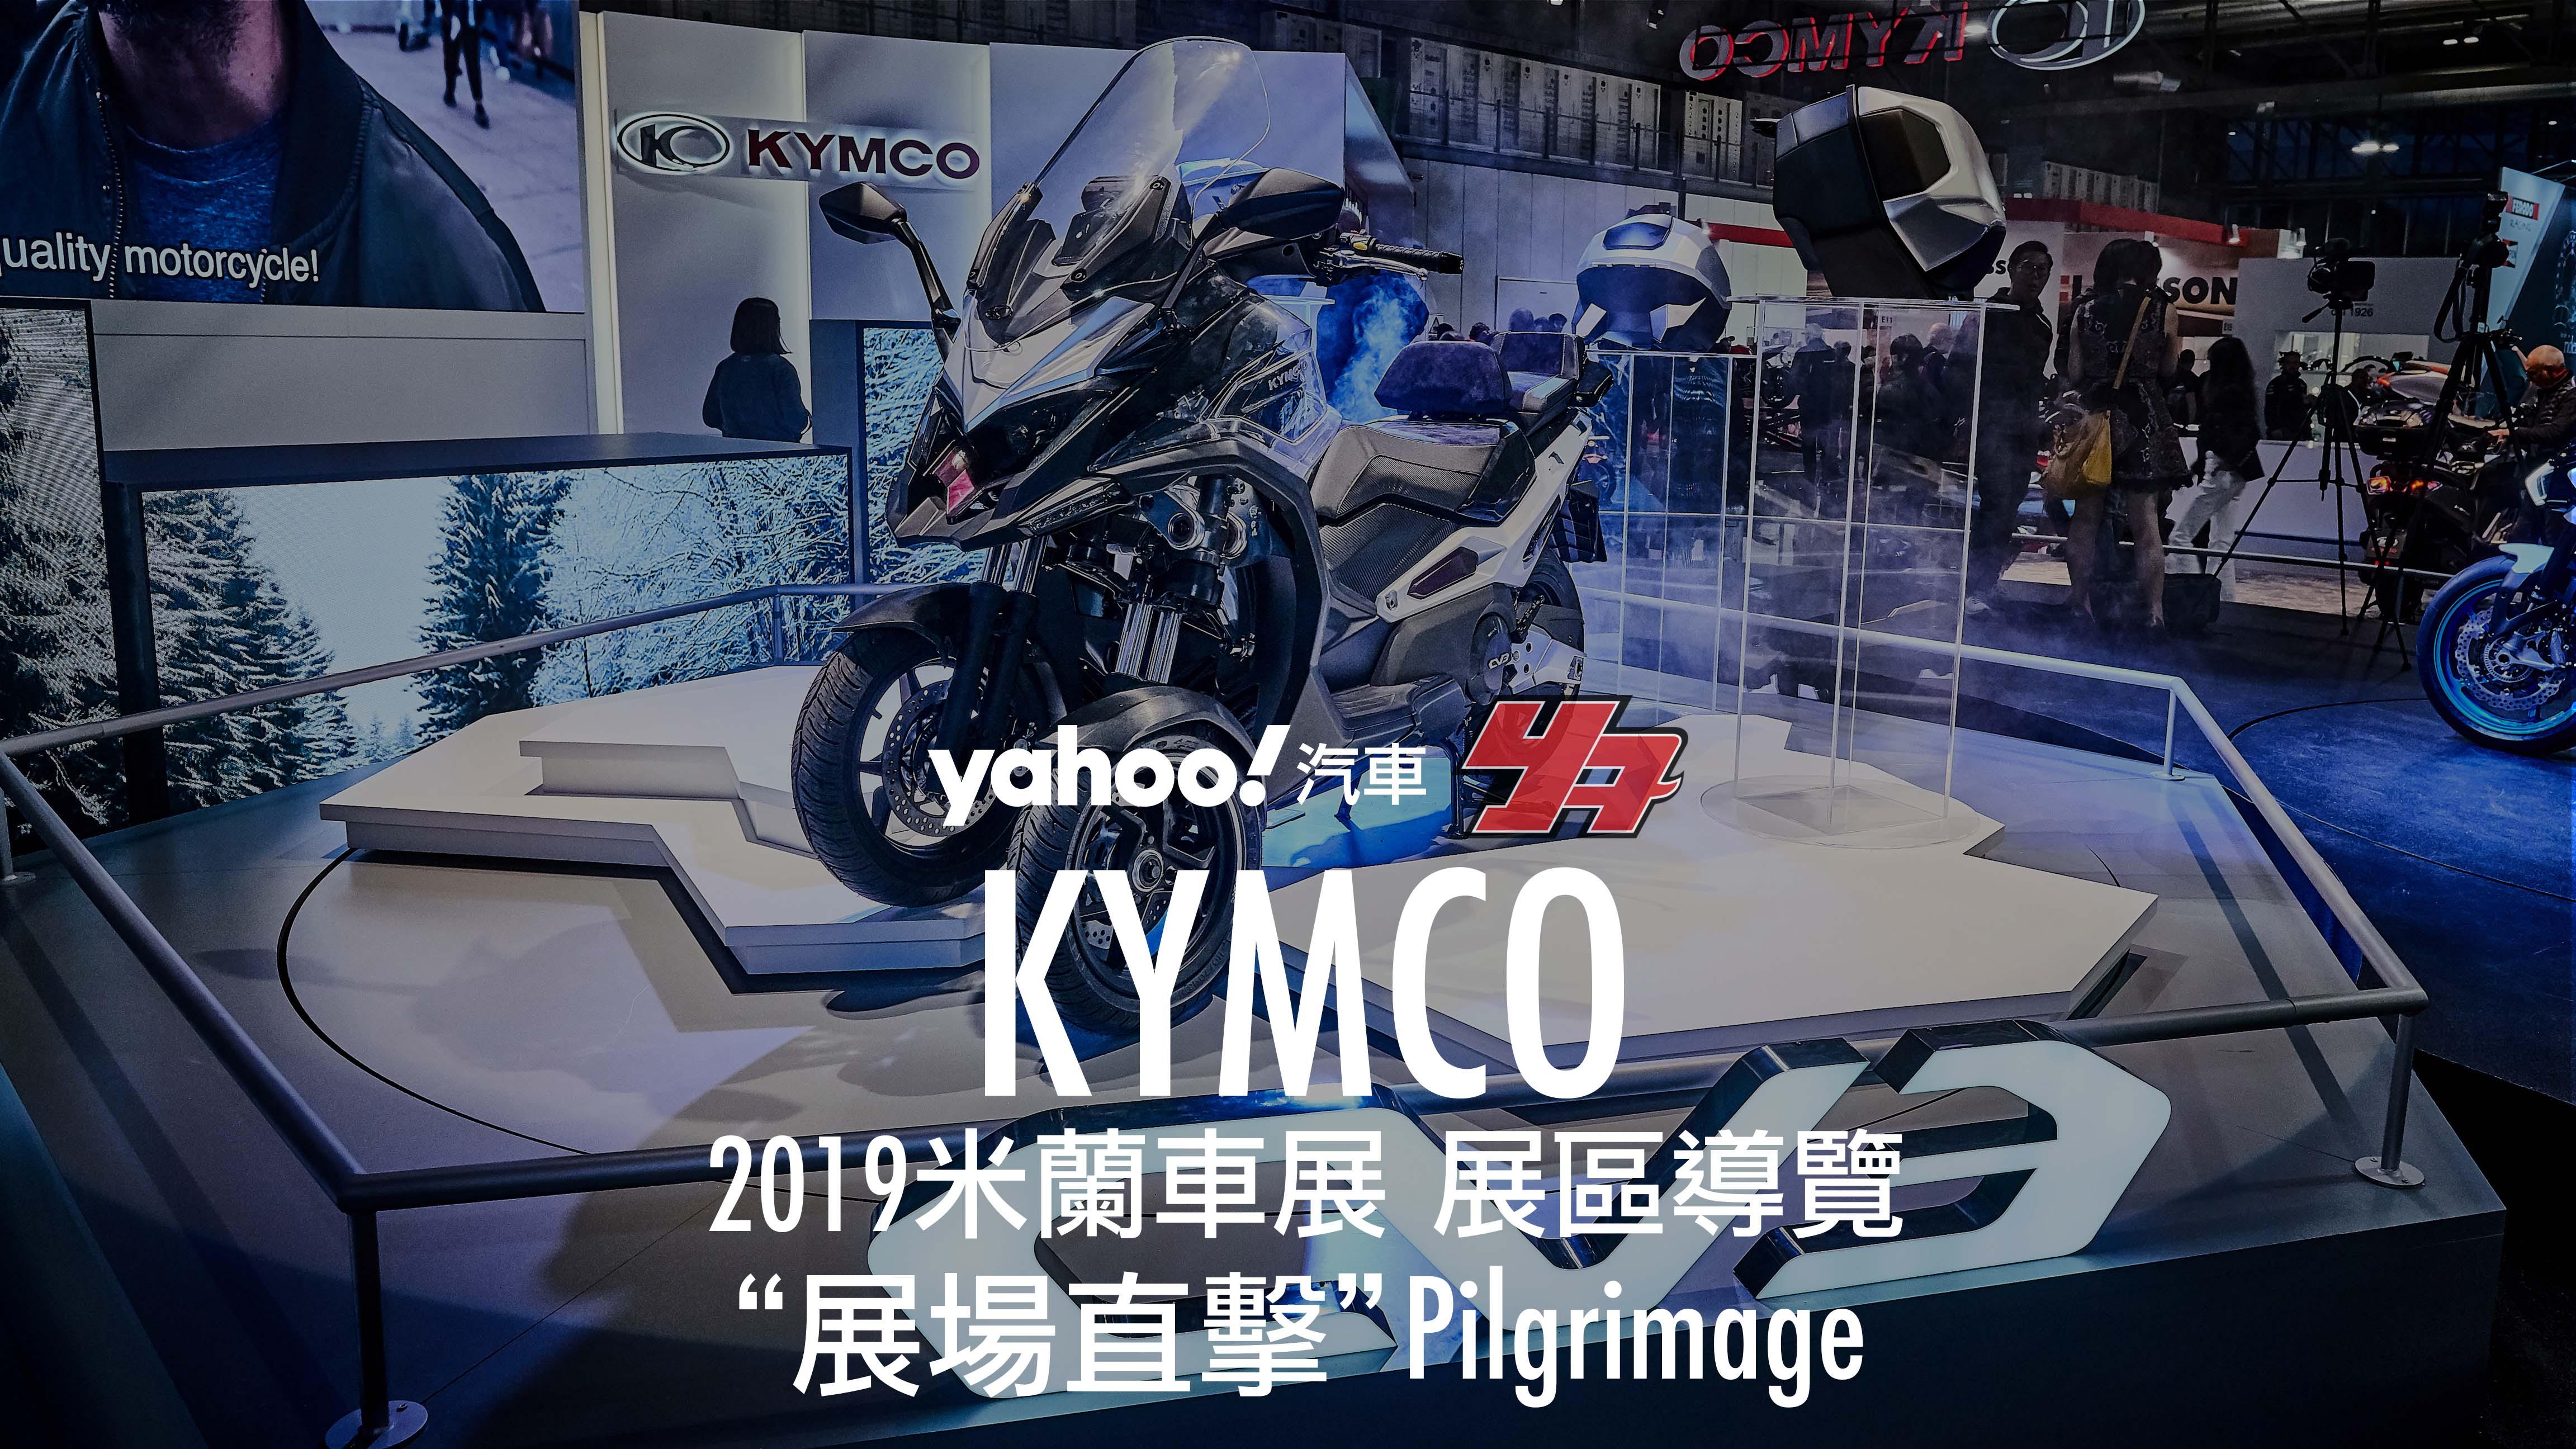 【米蘭車展直擊】MIT的硬實力展現!Kymco光陽展區全面解析